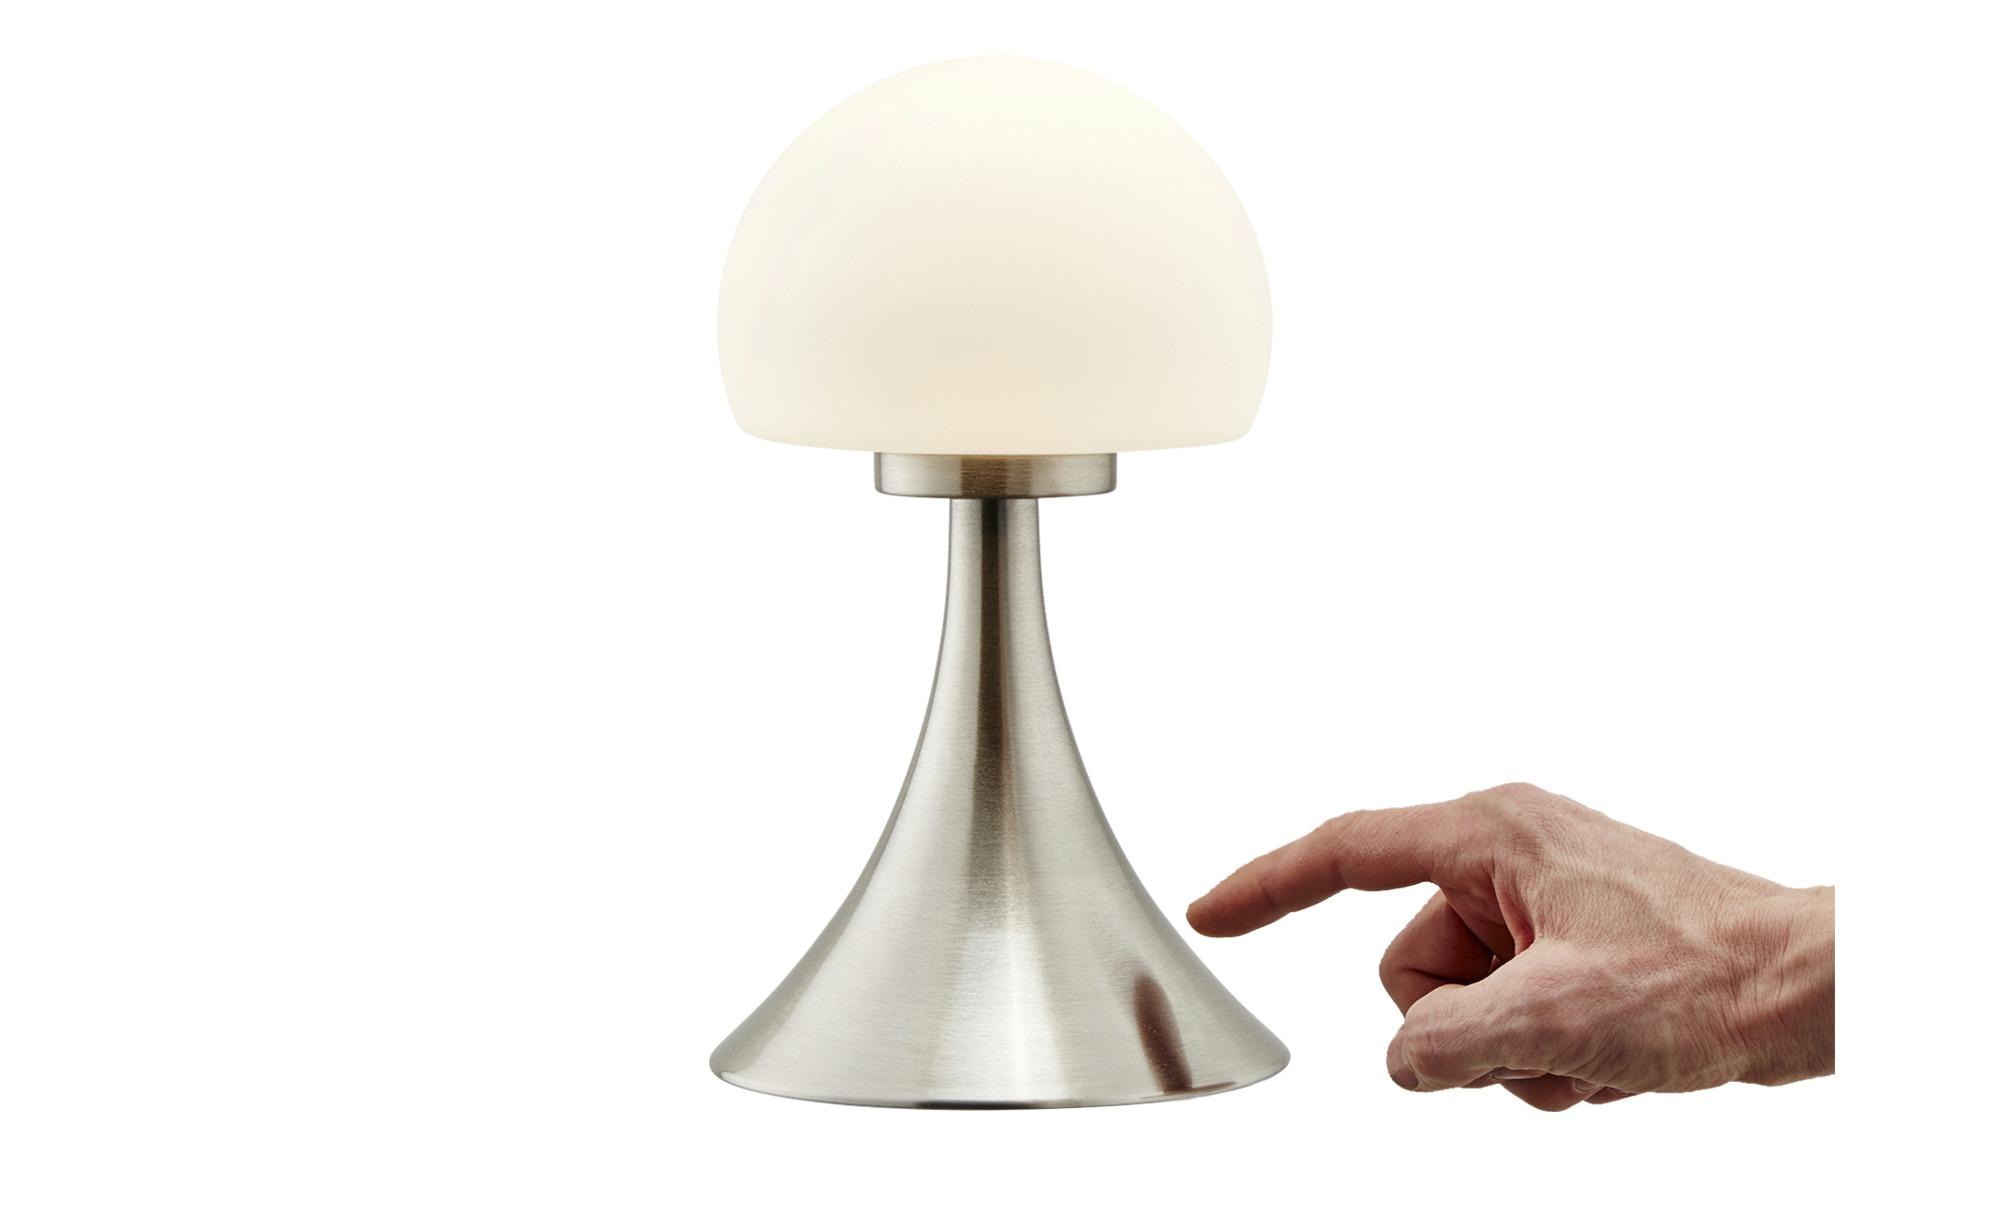 KHG LED-Tischleuchte, 1-flammig ¦ silber ¦ Maße (cm): H: 26 Ø: [15.0] Lampen & Leuchten > Innenleuchten > Tischlampen - Höffner